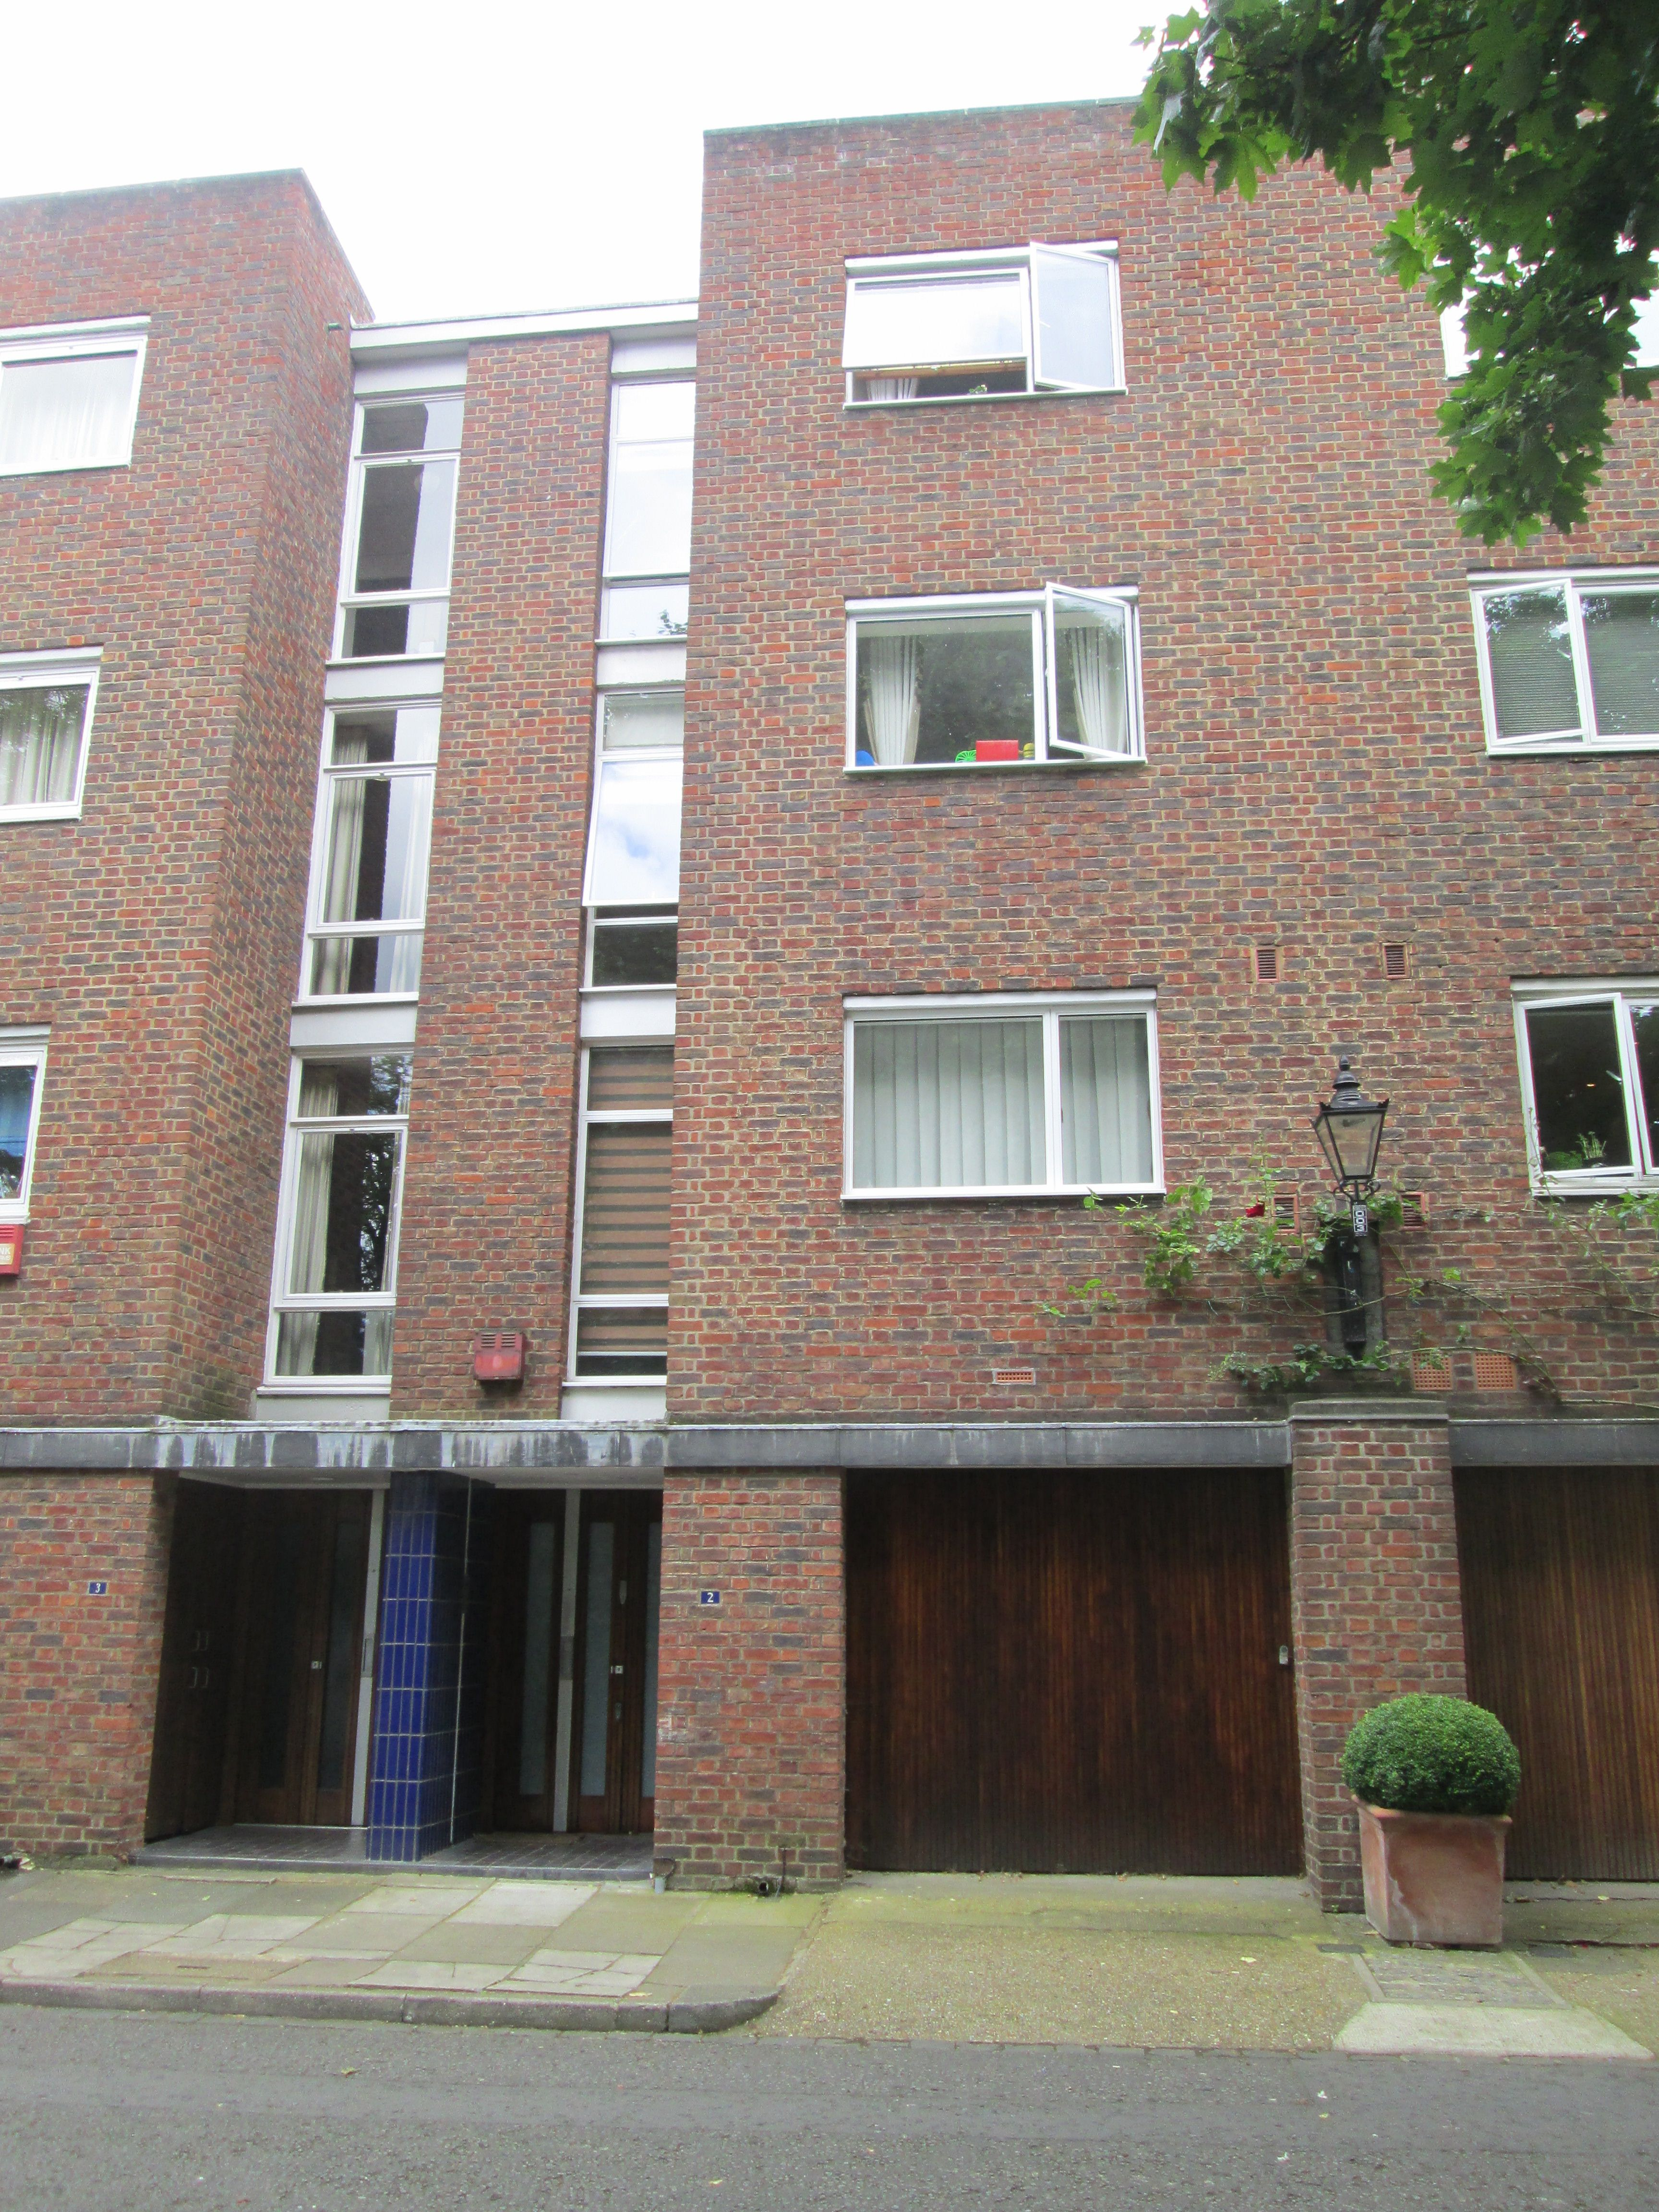 The Home Of The Jam Singer Paul Weller In 1996